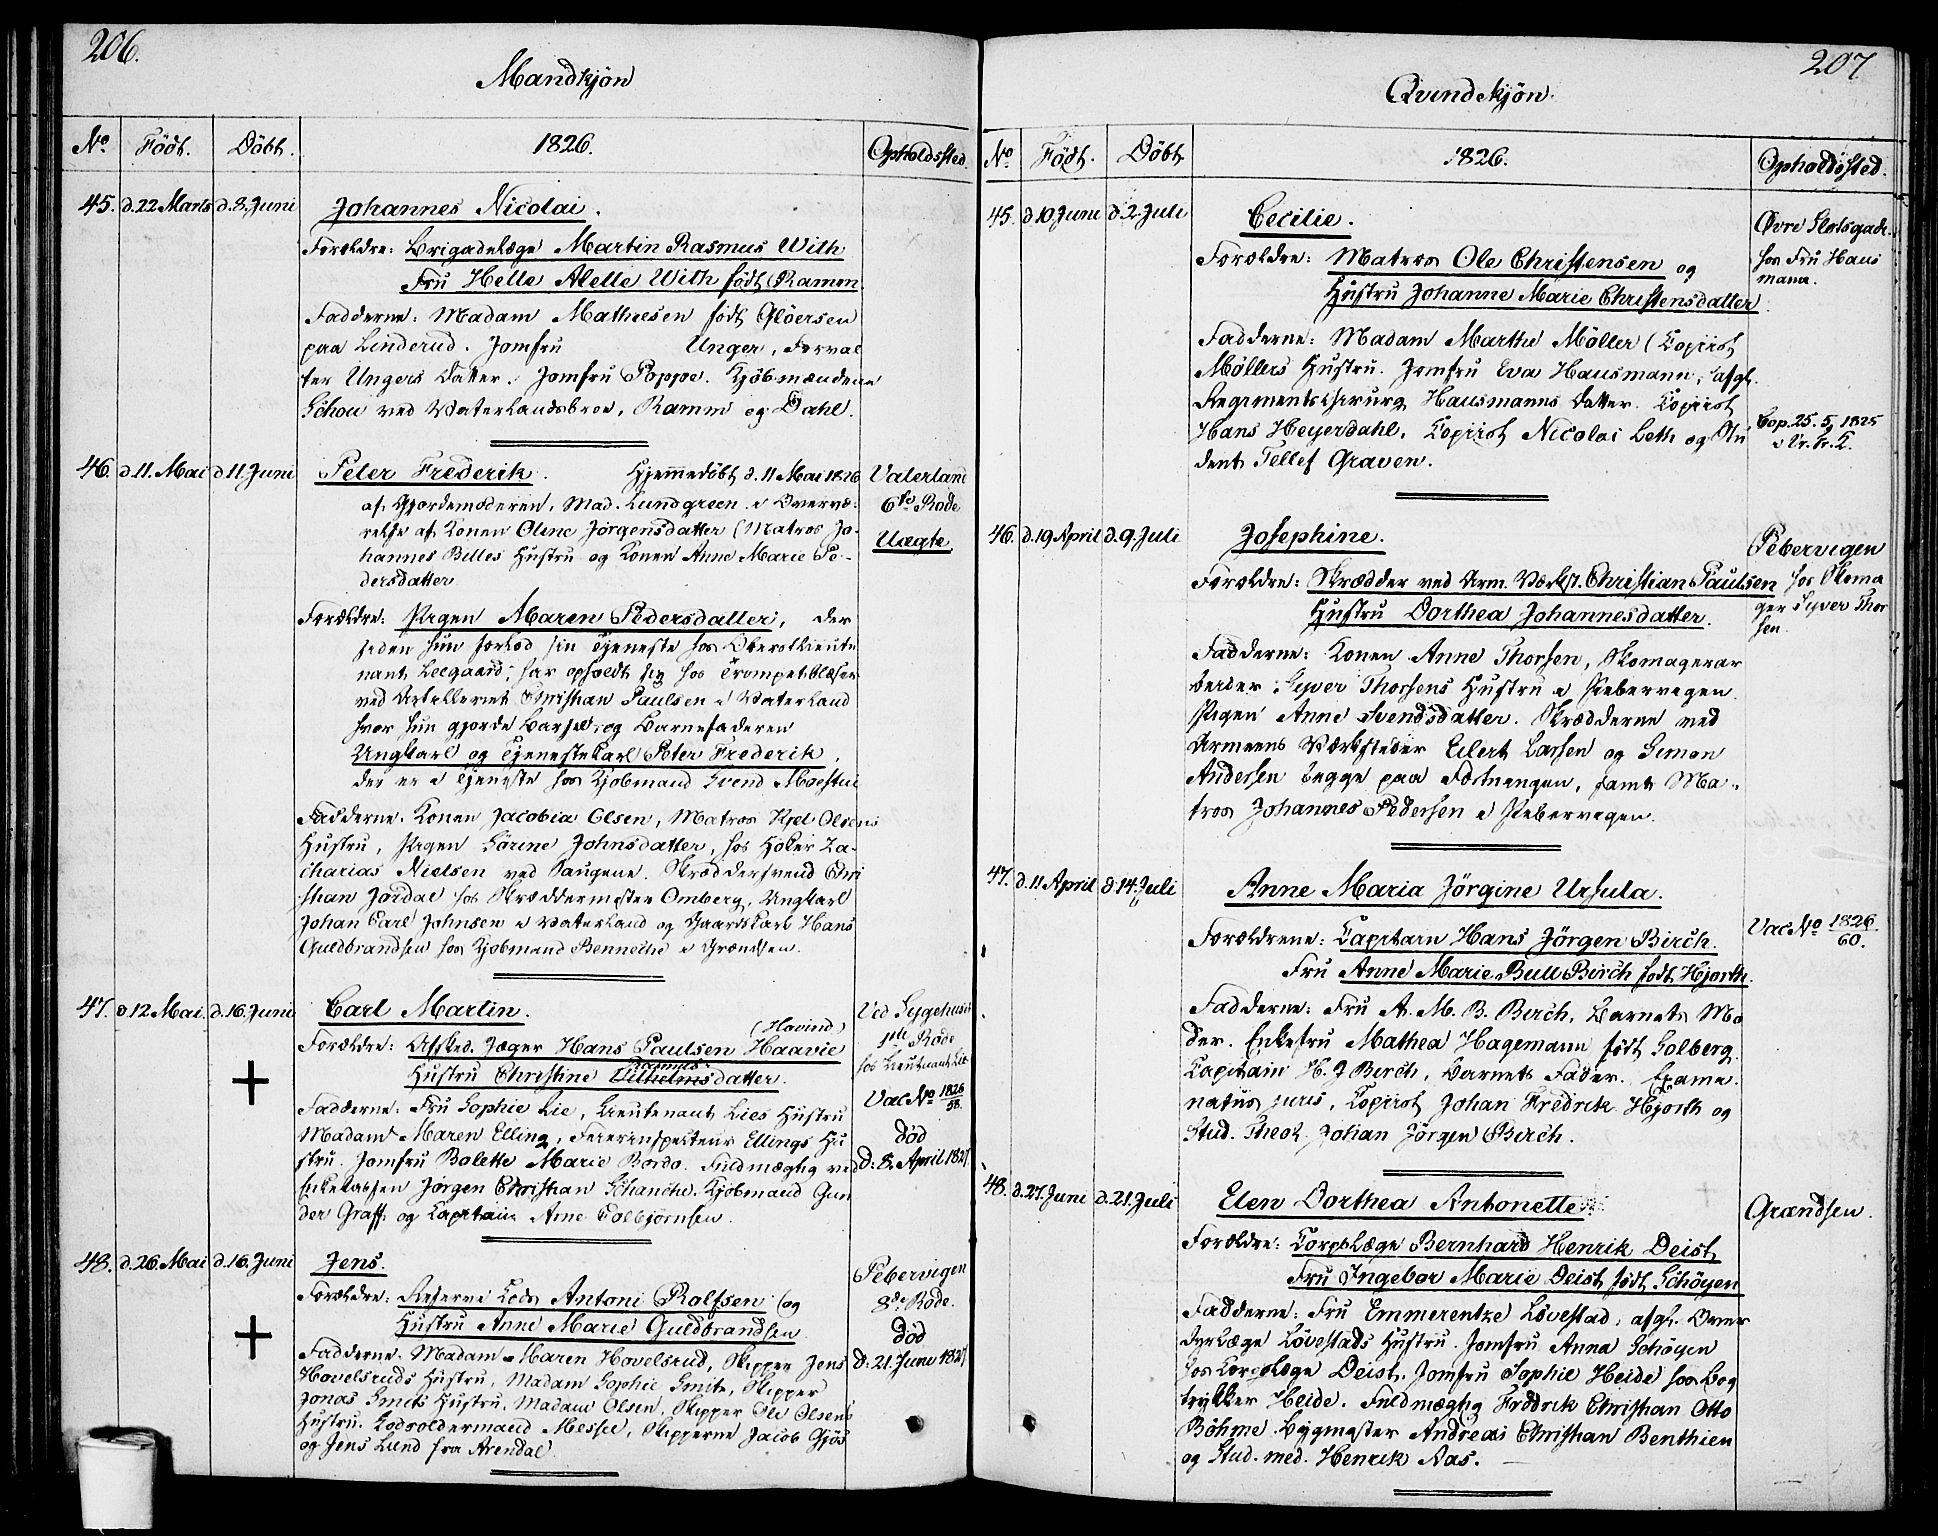 SAO, Garnisonsmenigheten Kirkebøker, F/Fa/L0004: Ministerialbok nr. 4, 1820-1828, s. 206-207